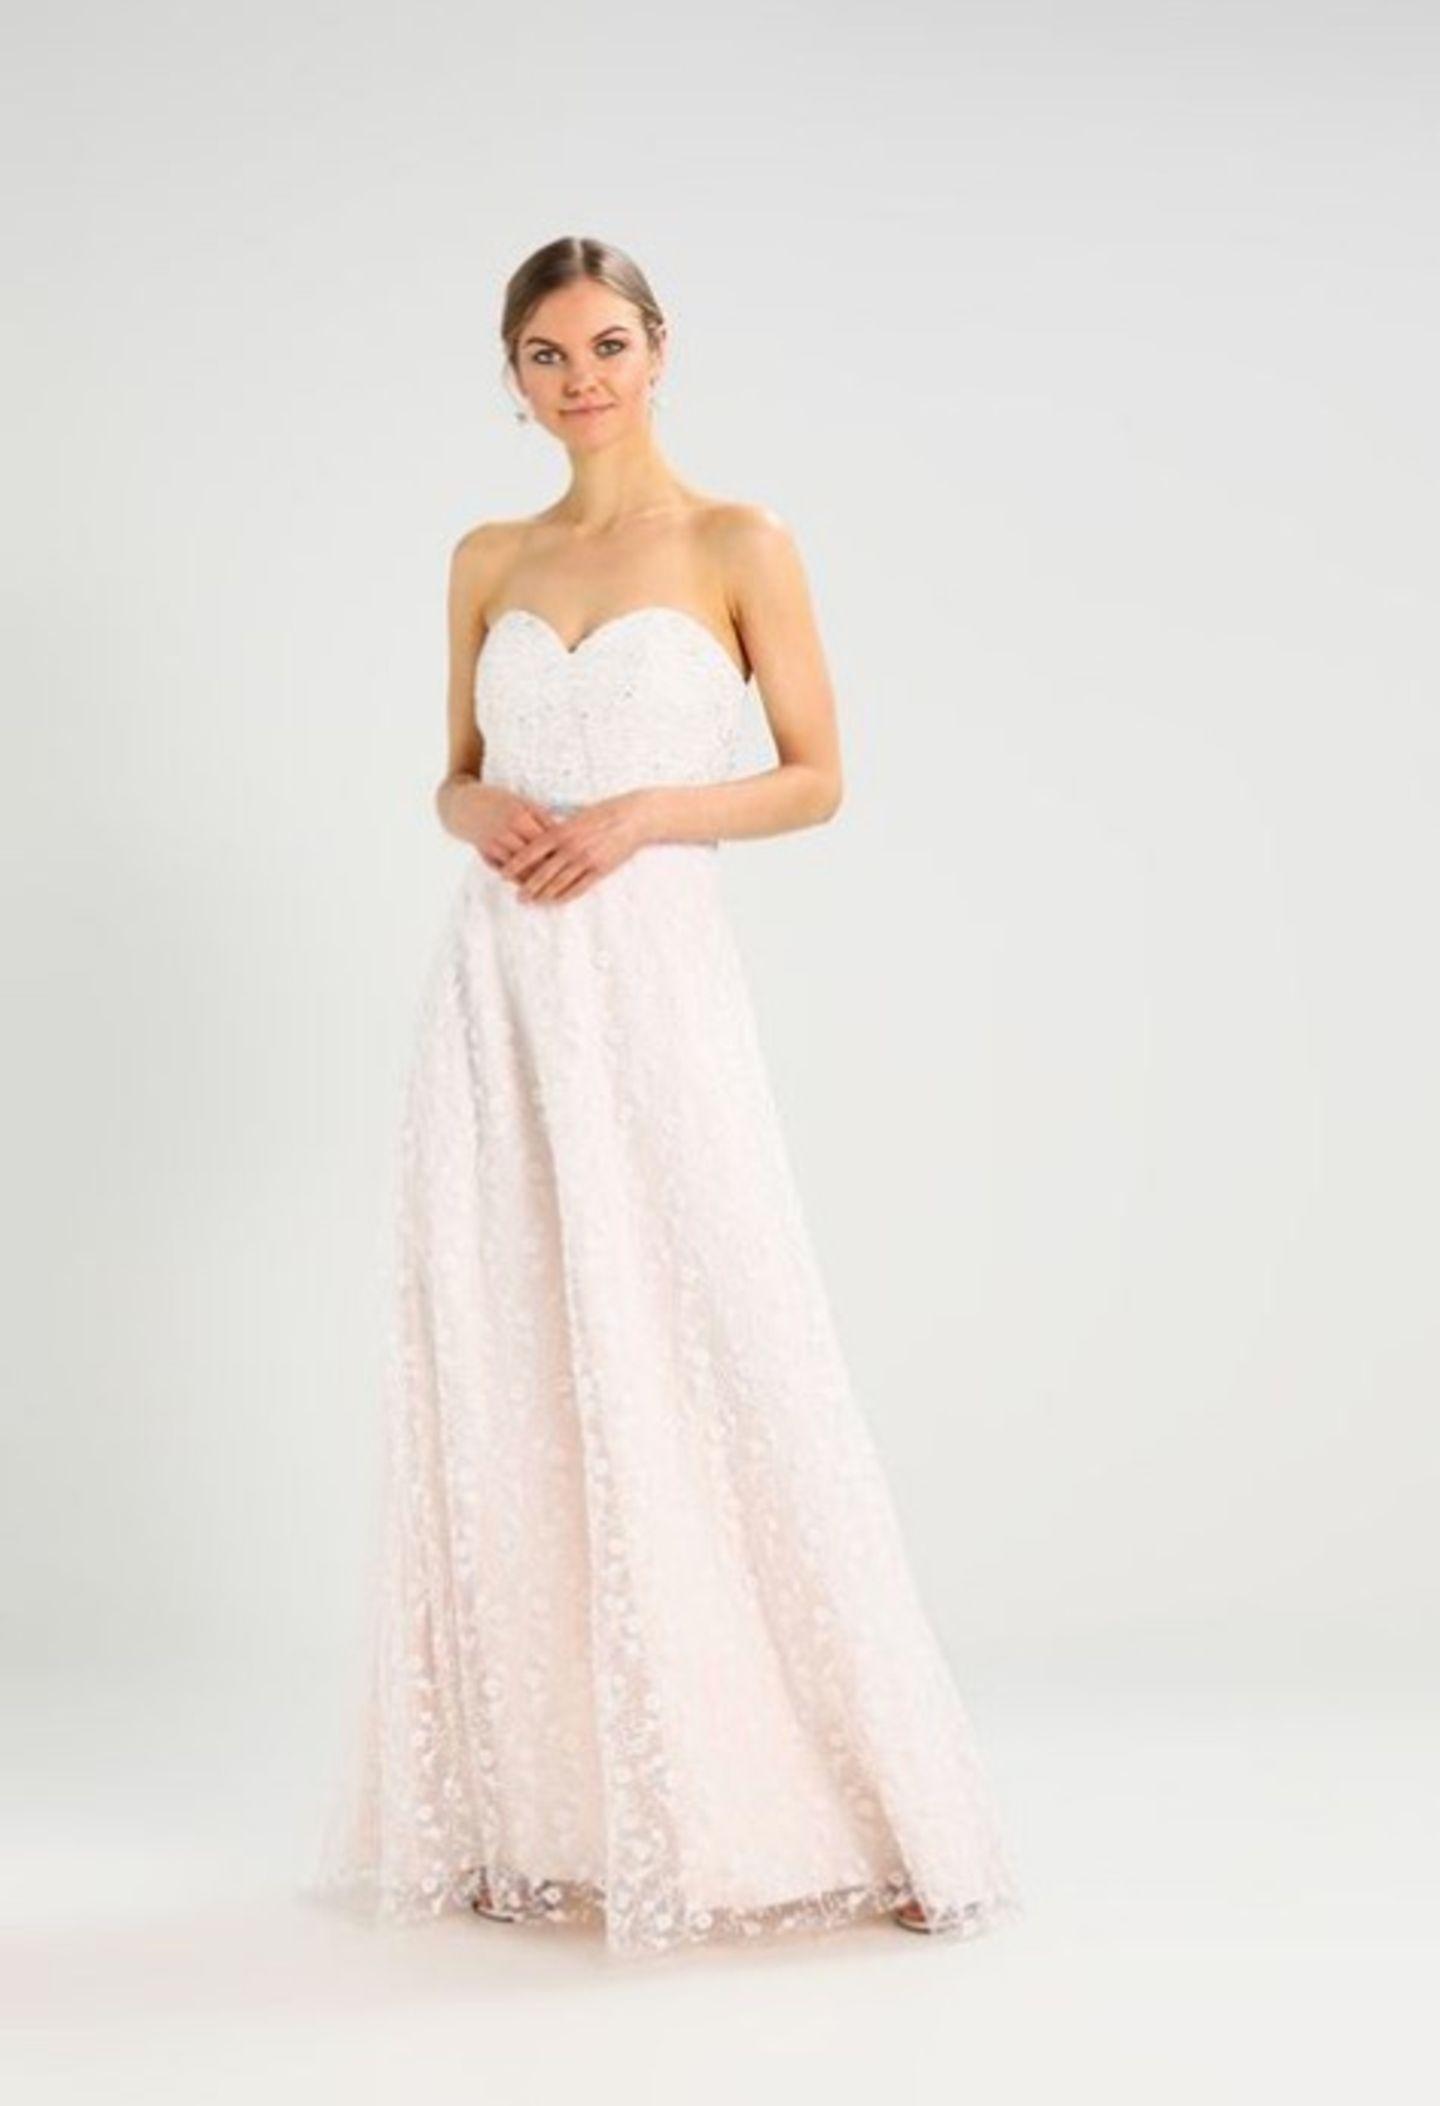 Günstige Brautkleider: Hochzeitskleider unter 13 Euro  BRIGITTE.de